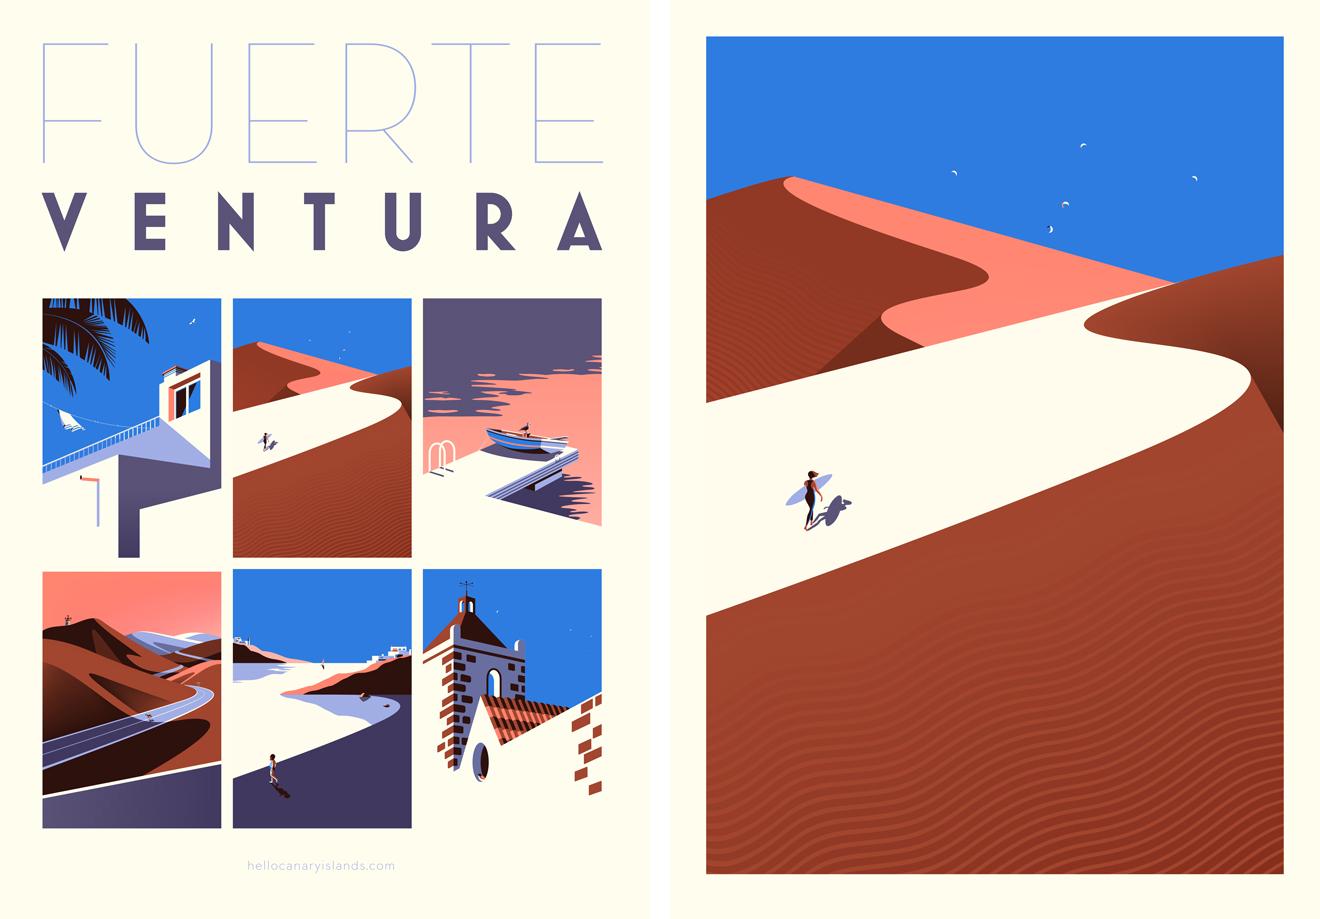 Illustration of Fuerteventura by Malika Favre